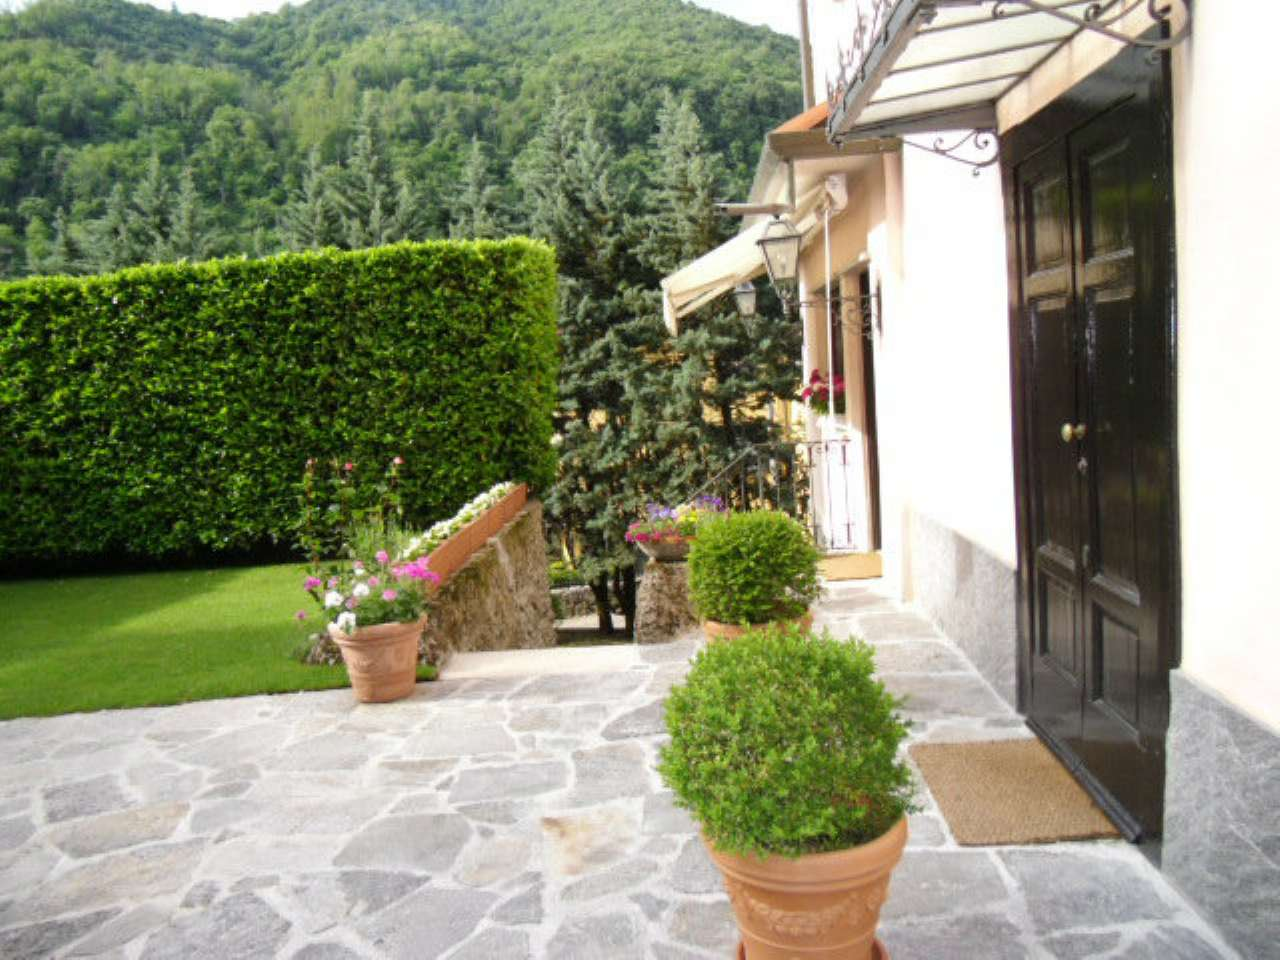 Villa Bifamiliare in vendita a Induno Olona, 19 locali, prezzo € 510.000 | PortaleAgenzieImmobiliari.it